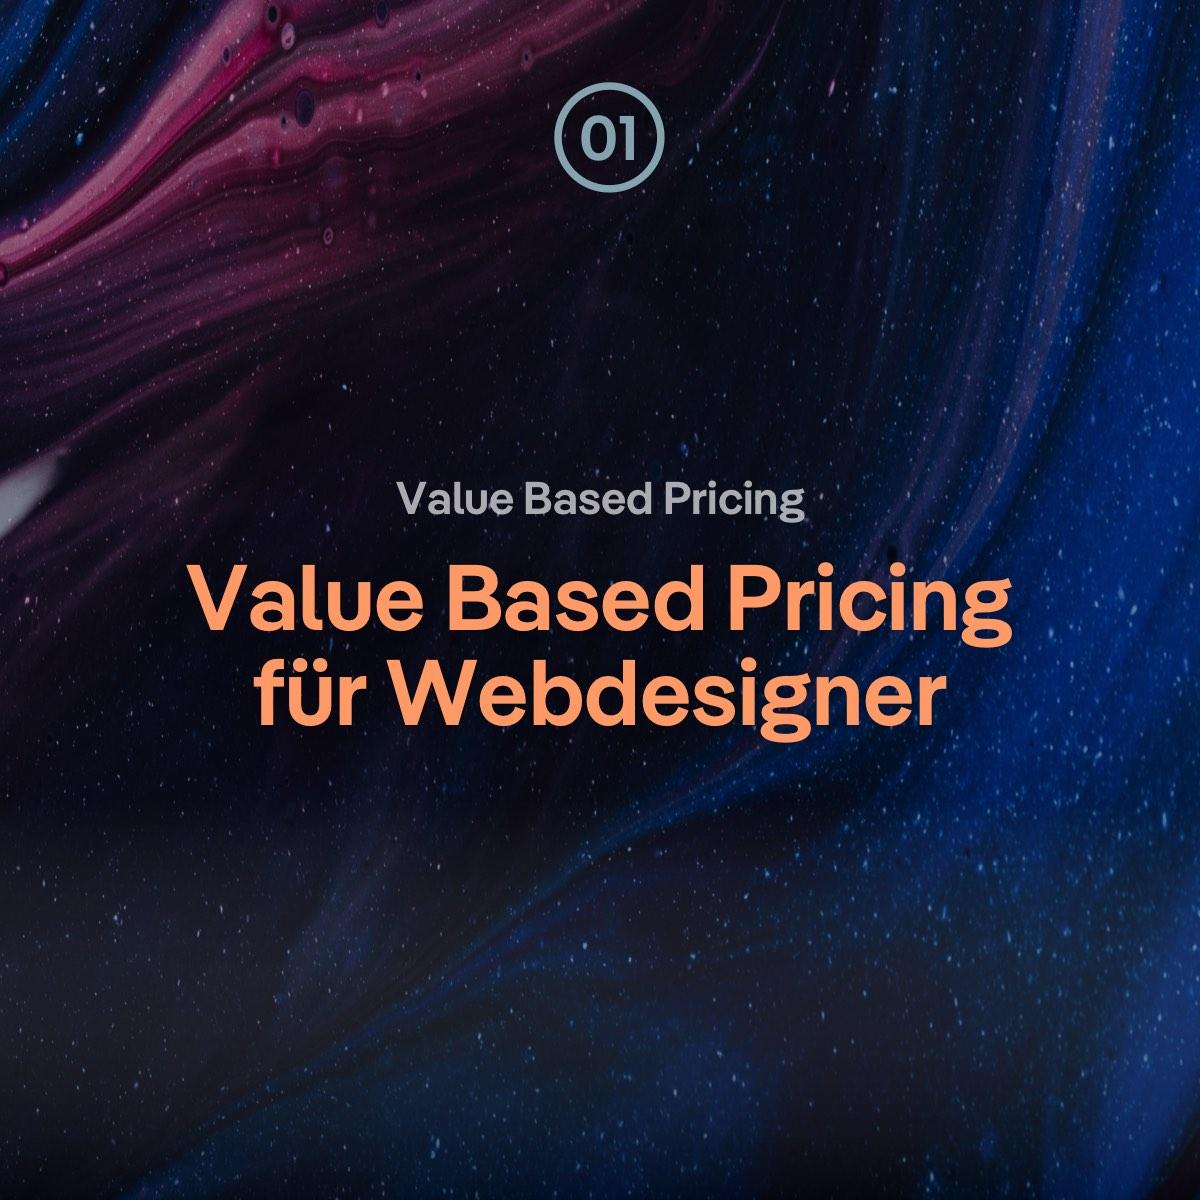 Value Based Pricing für Webdesigner – so bin ich gestartet